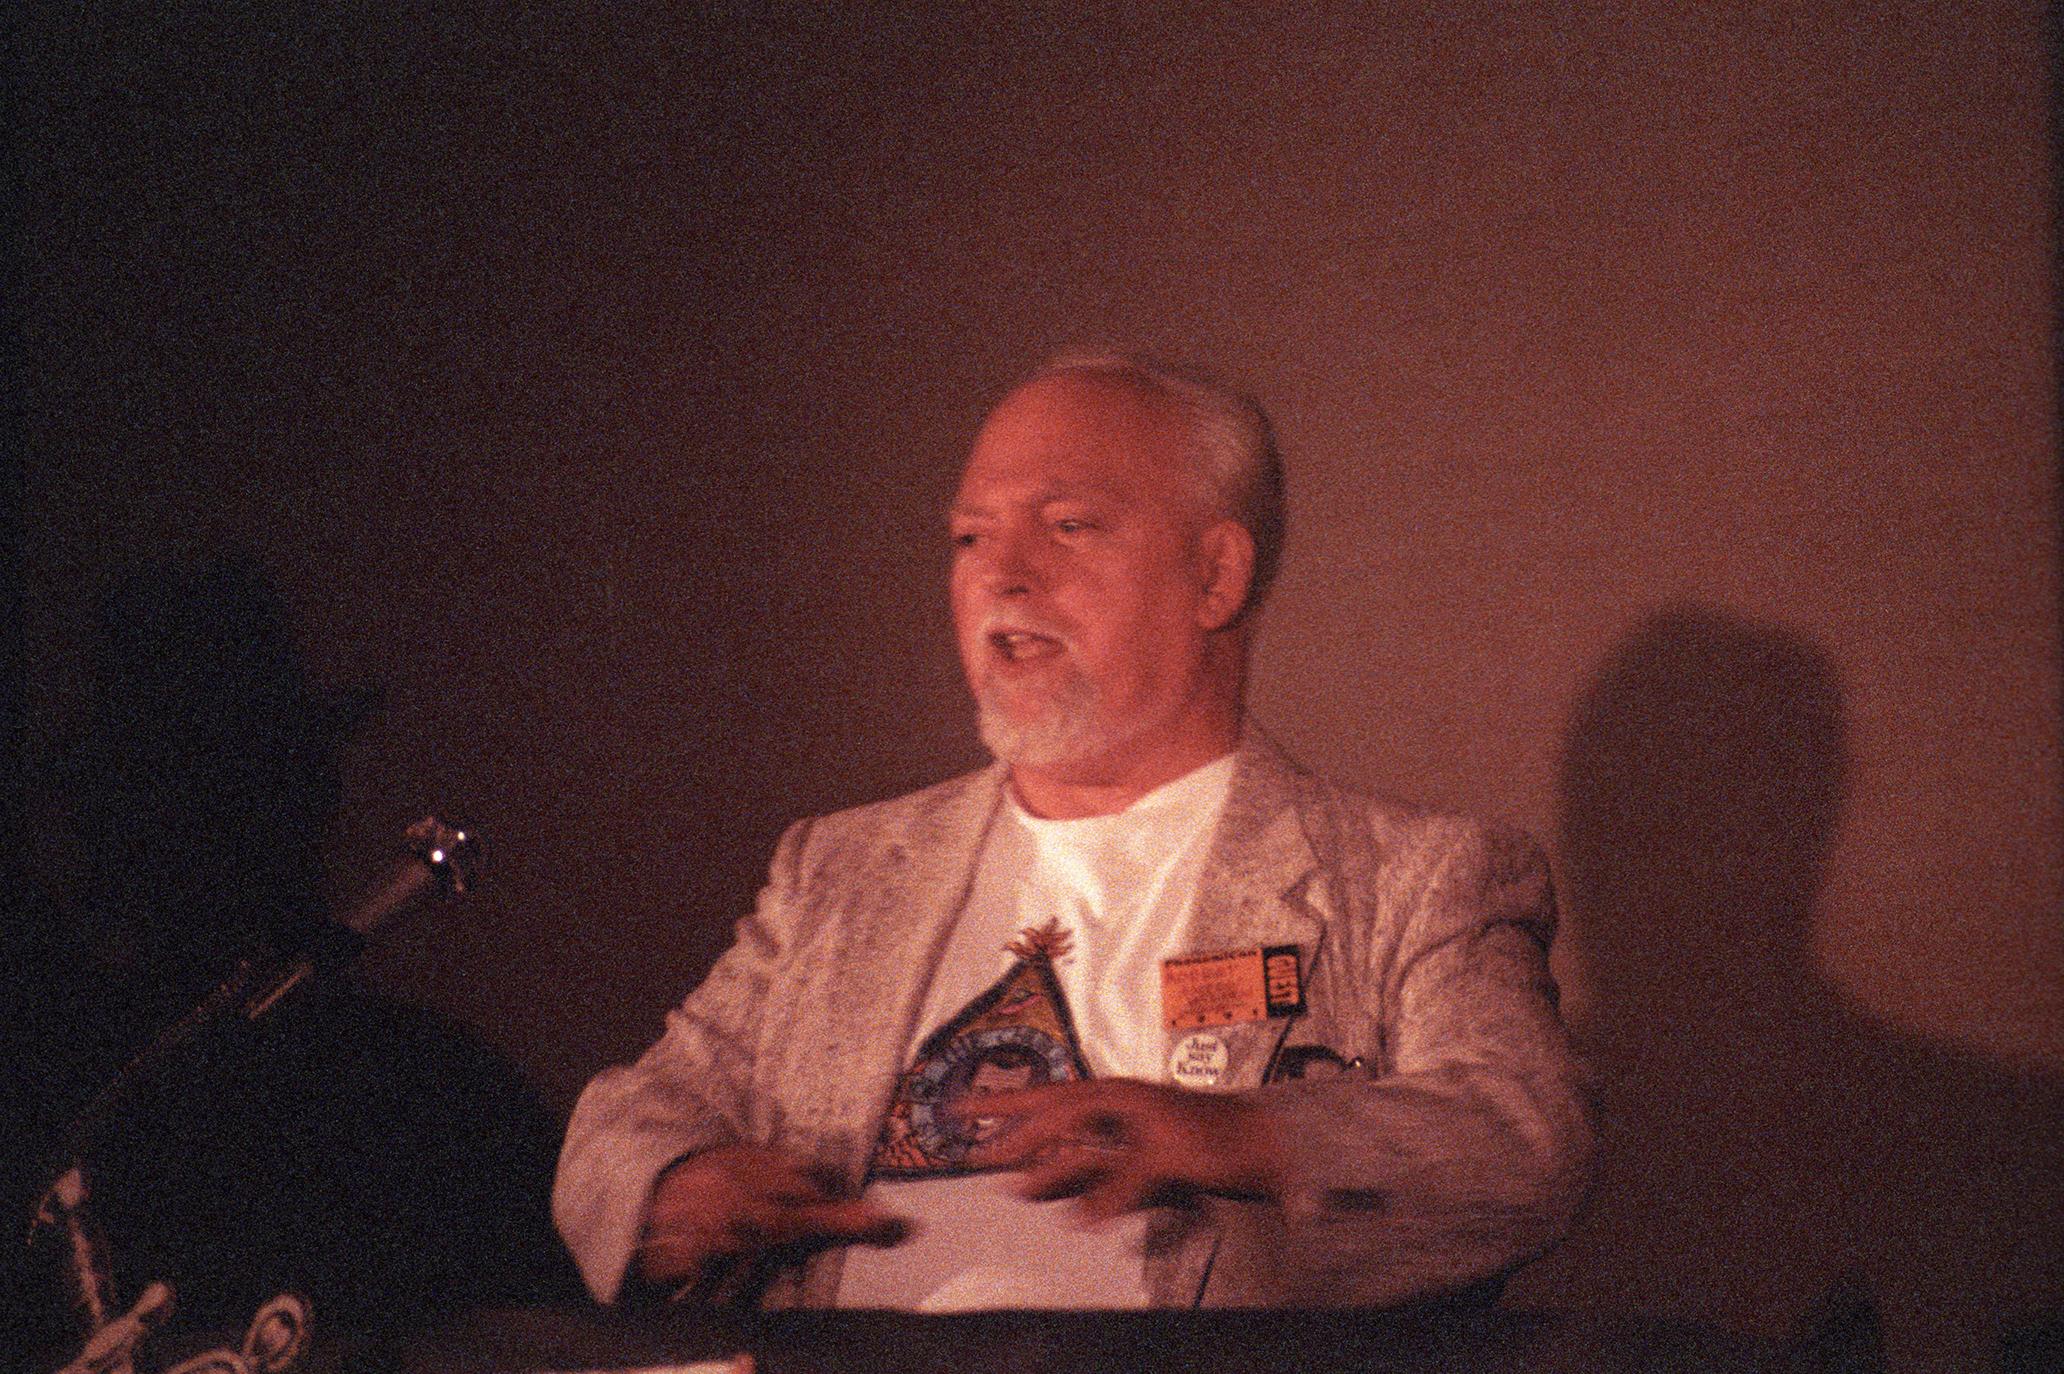 Robert Anton Wilson Wikipedia